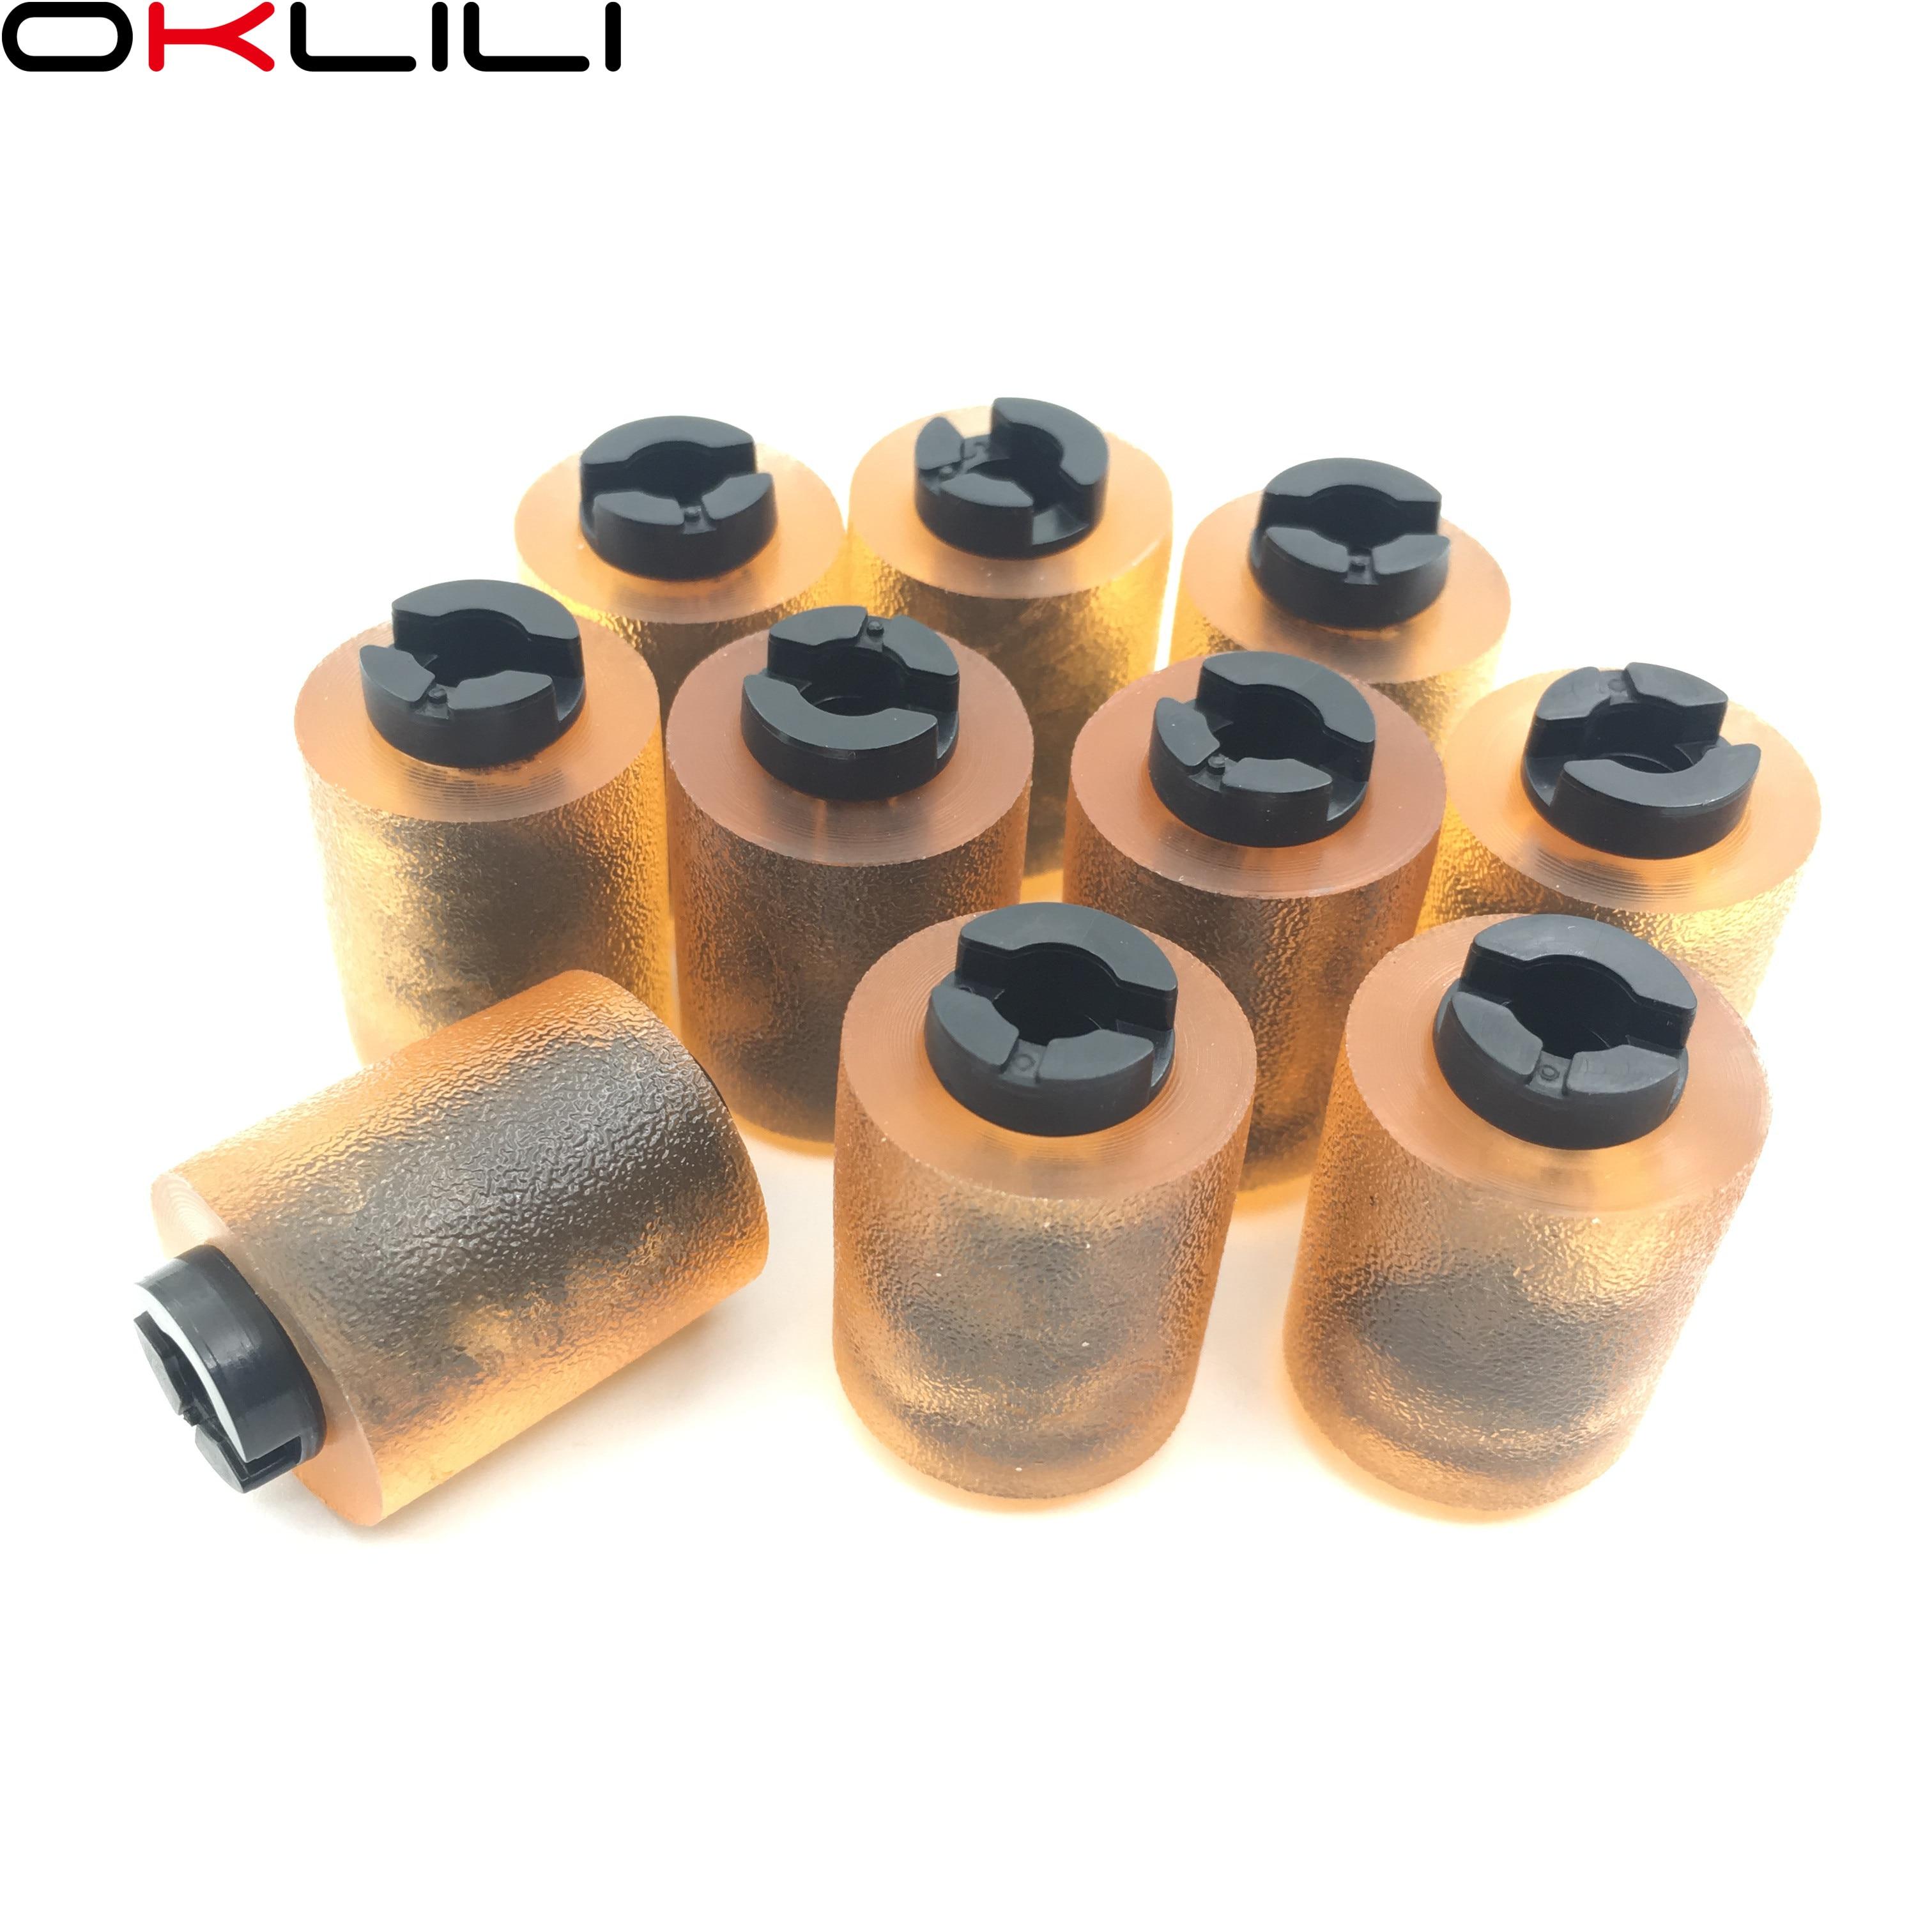 10X A00J563600 Pickup & Feed Roller For Konica For Minolta 552 652 654 754 C200 C203 C220 C253 C280 C353 C360 C451 C452 C55 C552